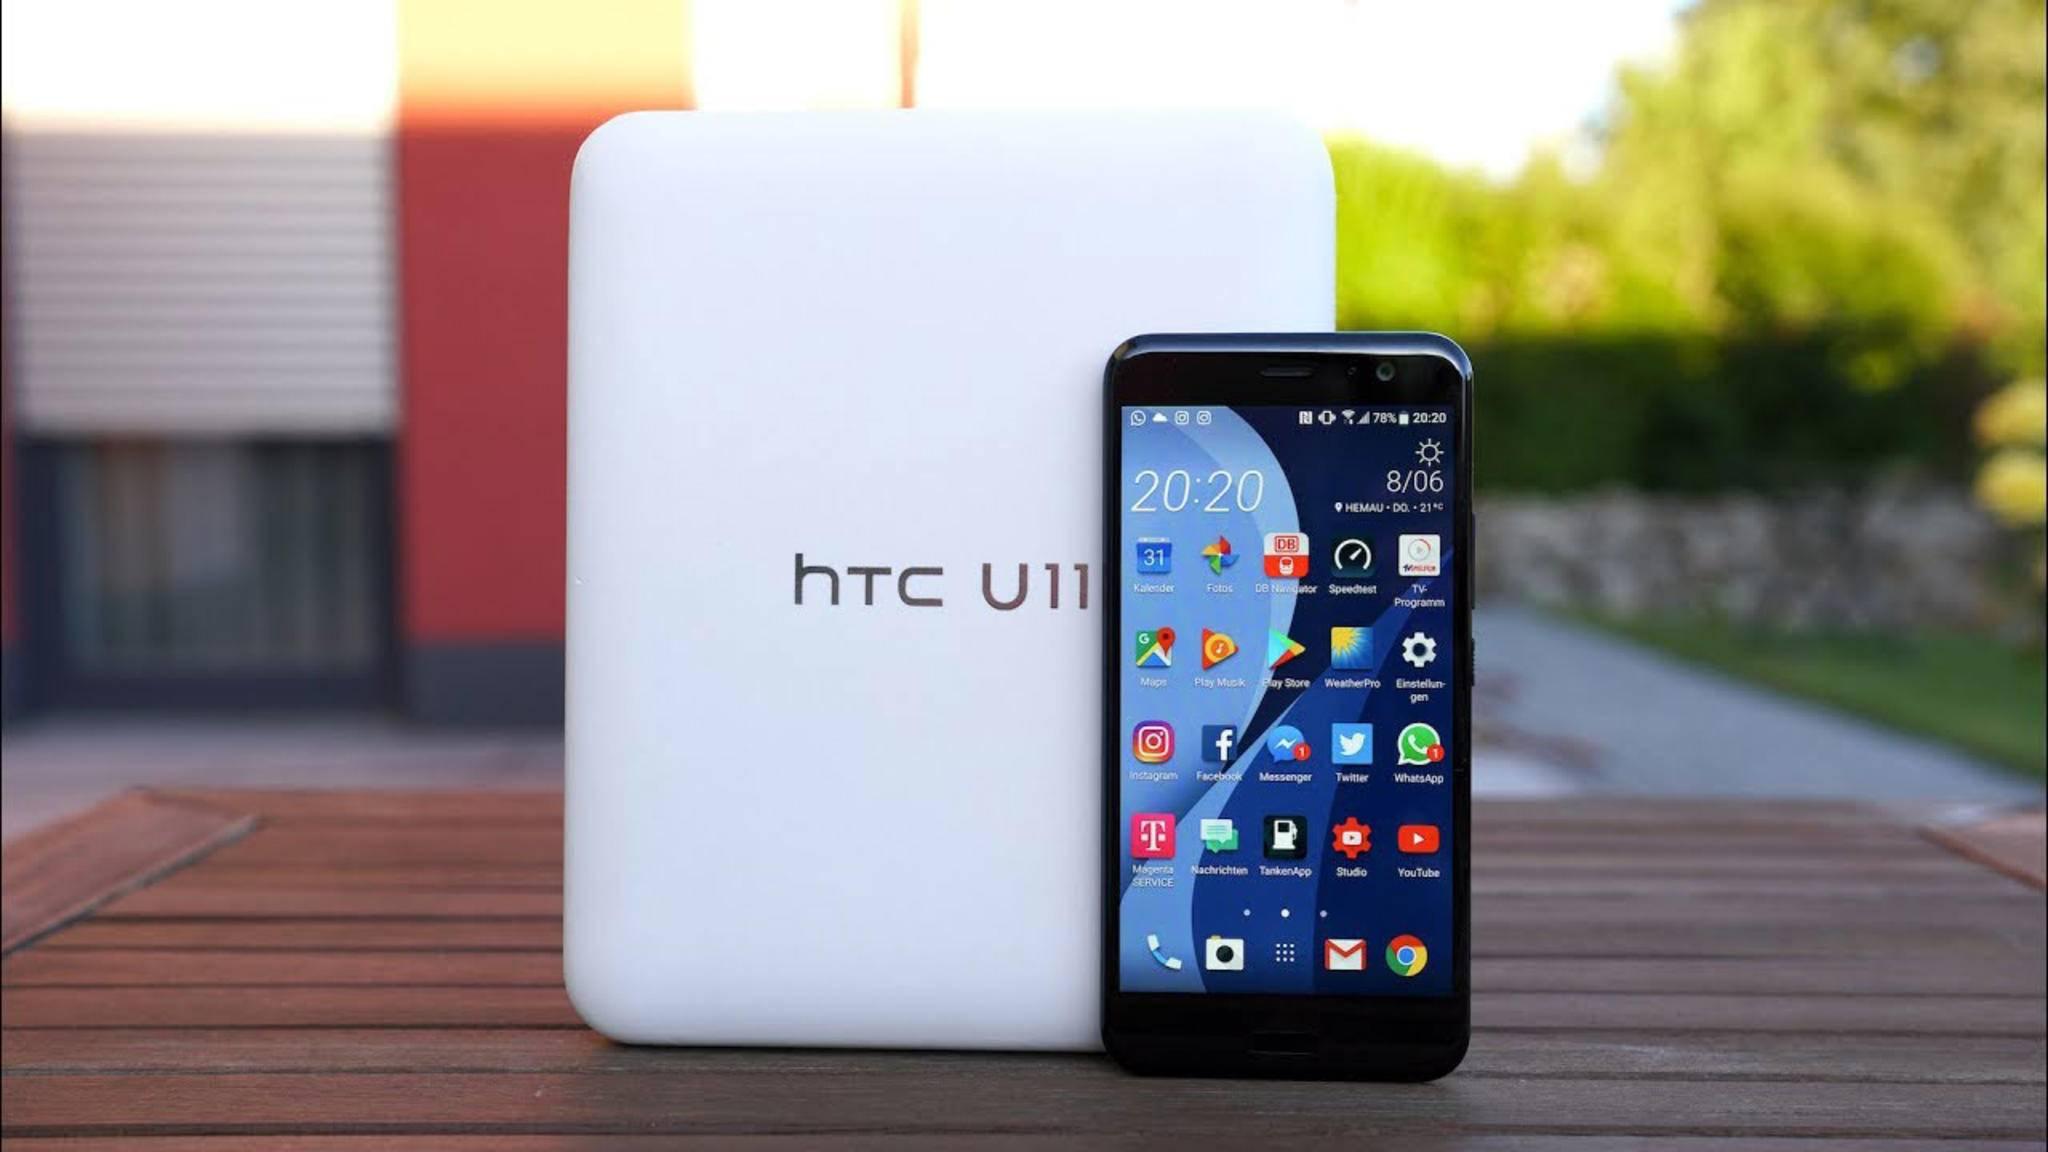 Nutzer erbost: Werbung in Touchscreen-Tastatur von HTC-Geräten